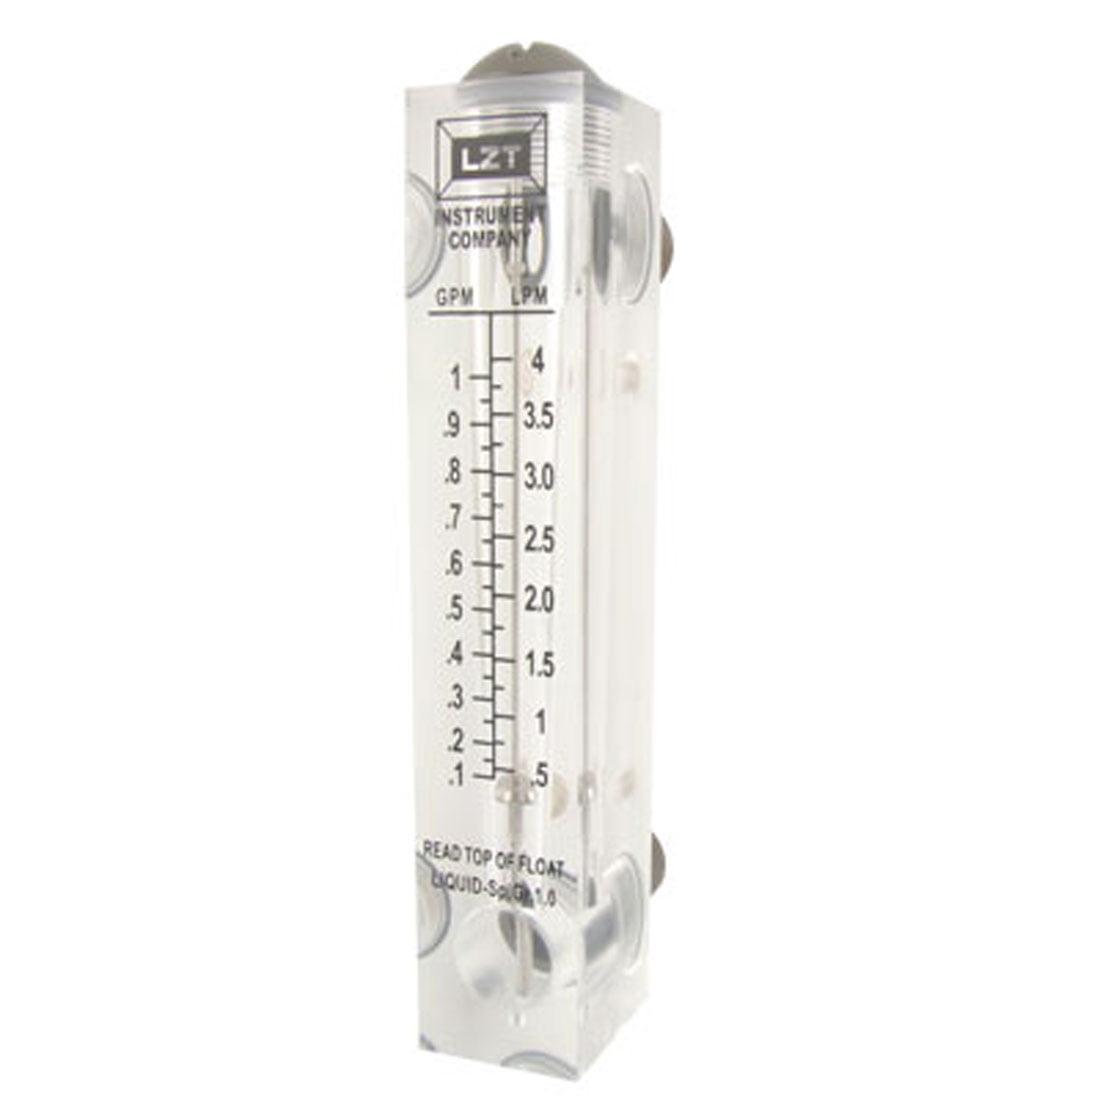 Unique Bargains Water Oil Flow Measuring Panel Flowmeter Instrument by